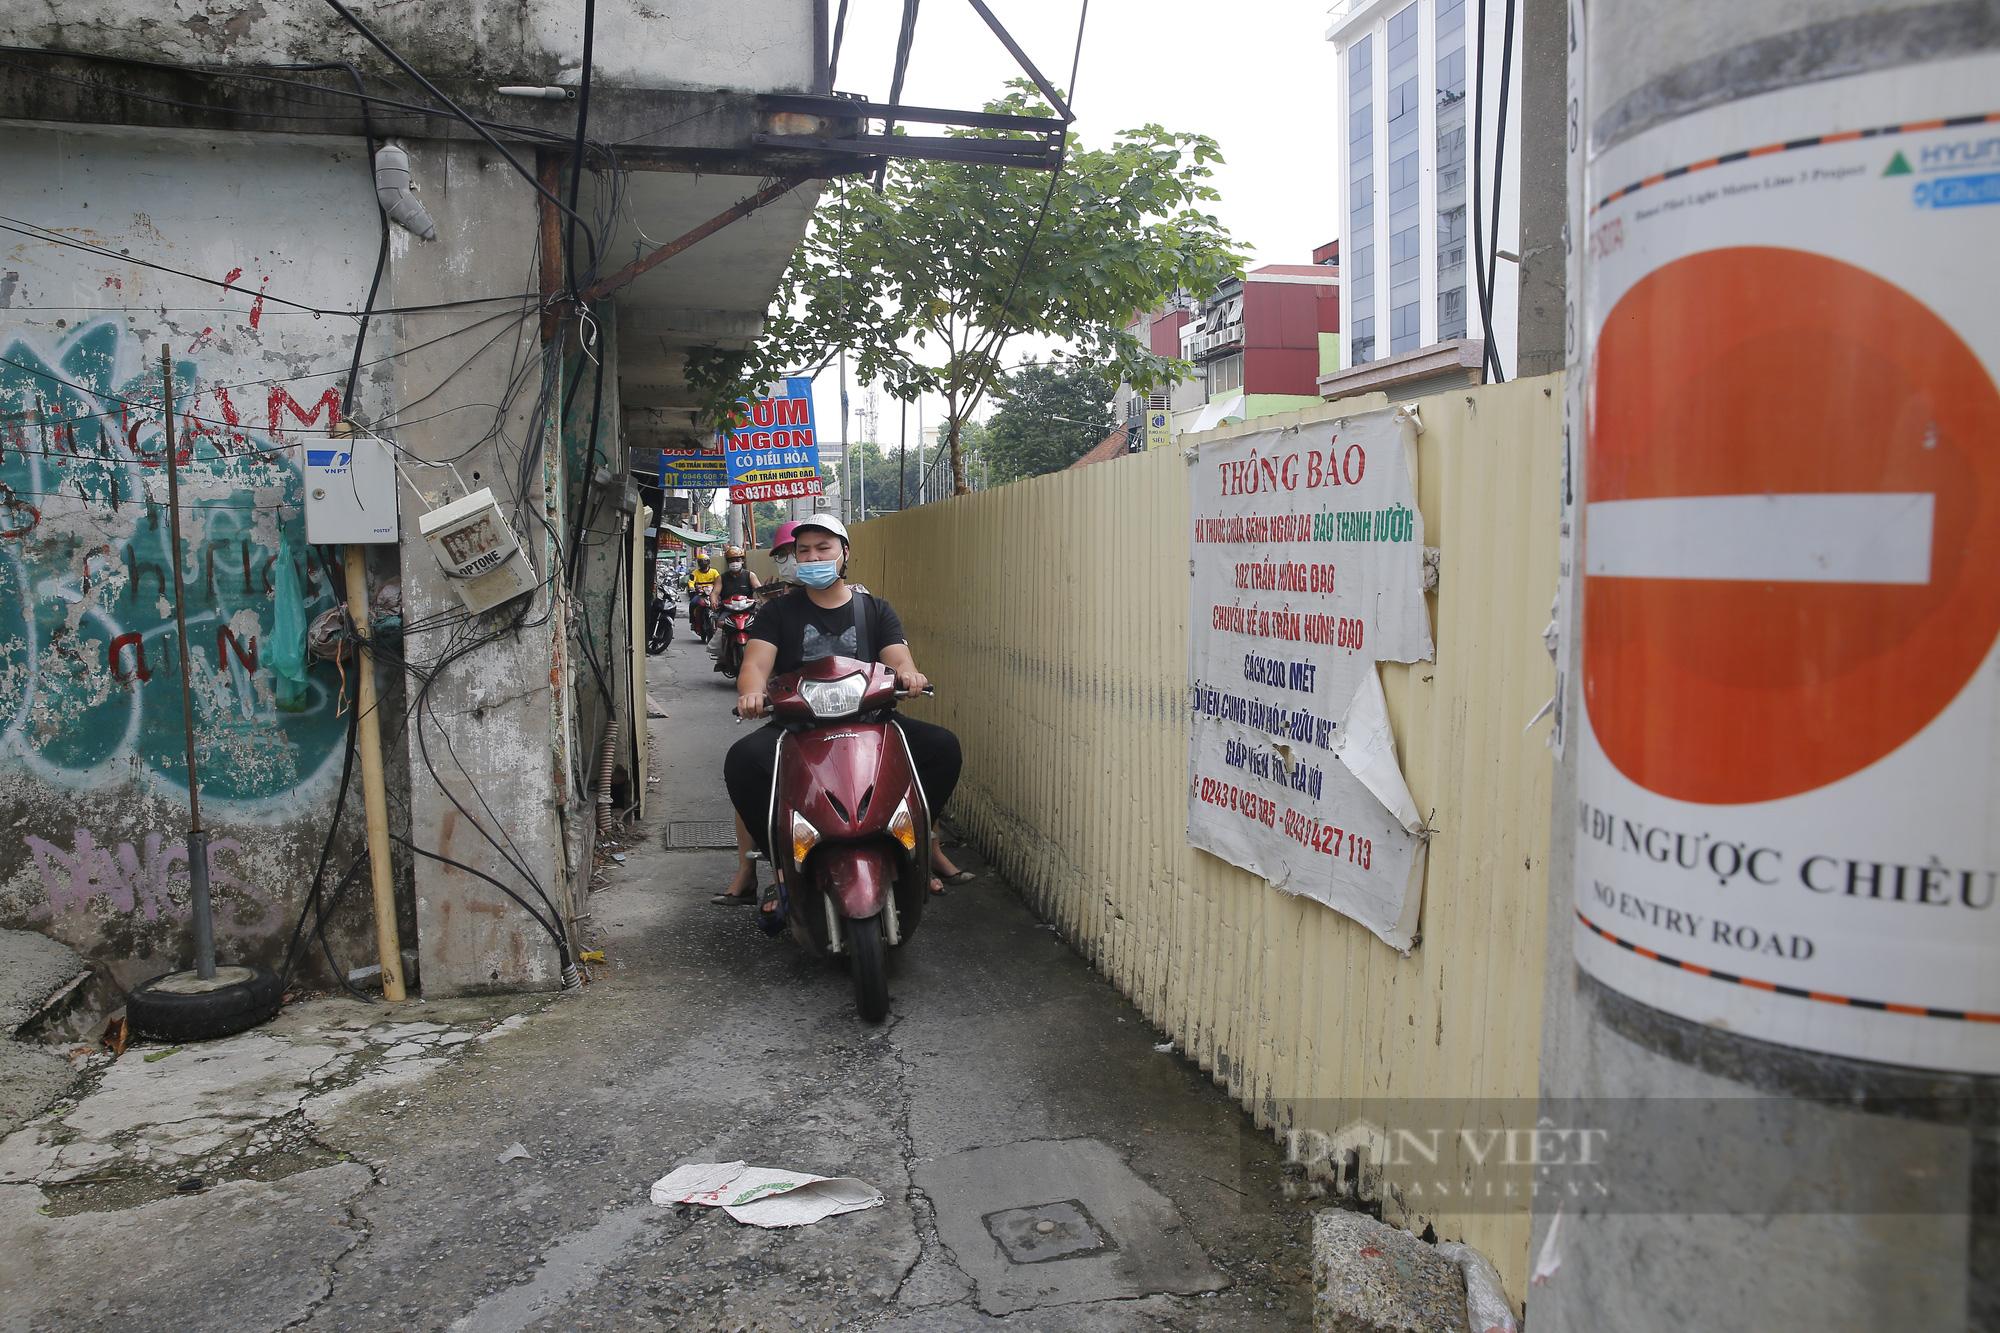 Cận cảnh khu vực ga ngầm tuyến Metro Nhổn - ga Hà Nội bị dừng thi công - Ảnh 4.